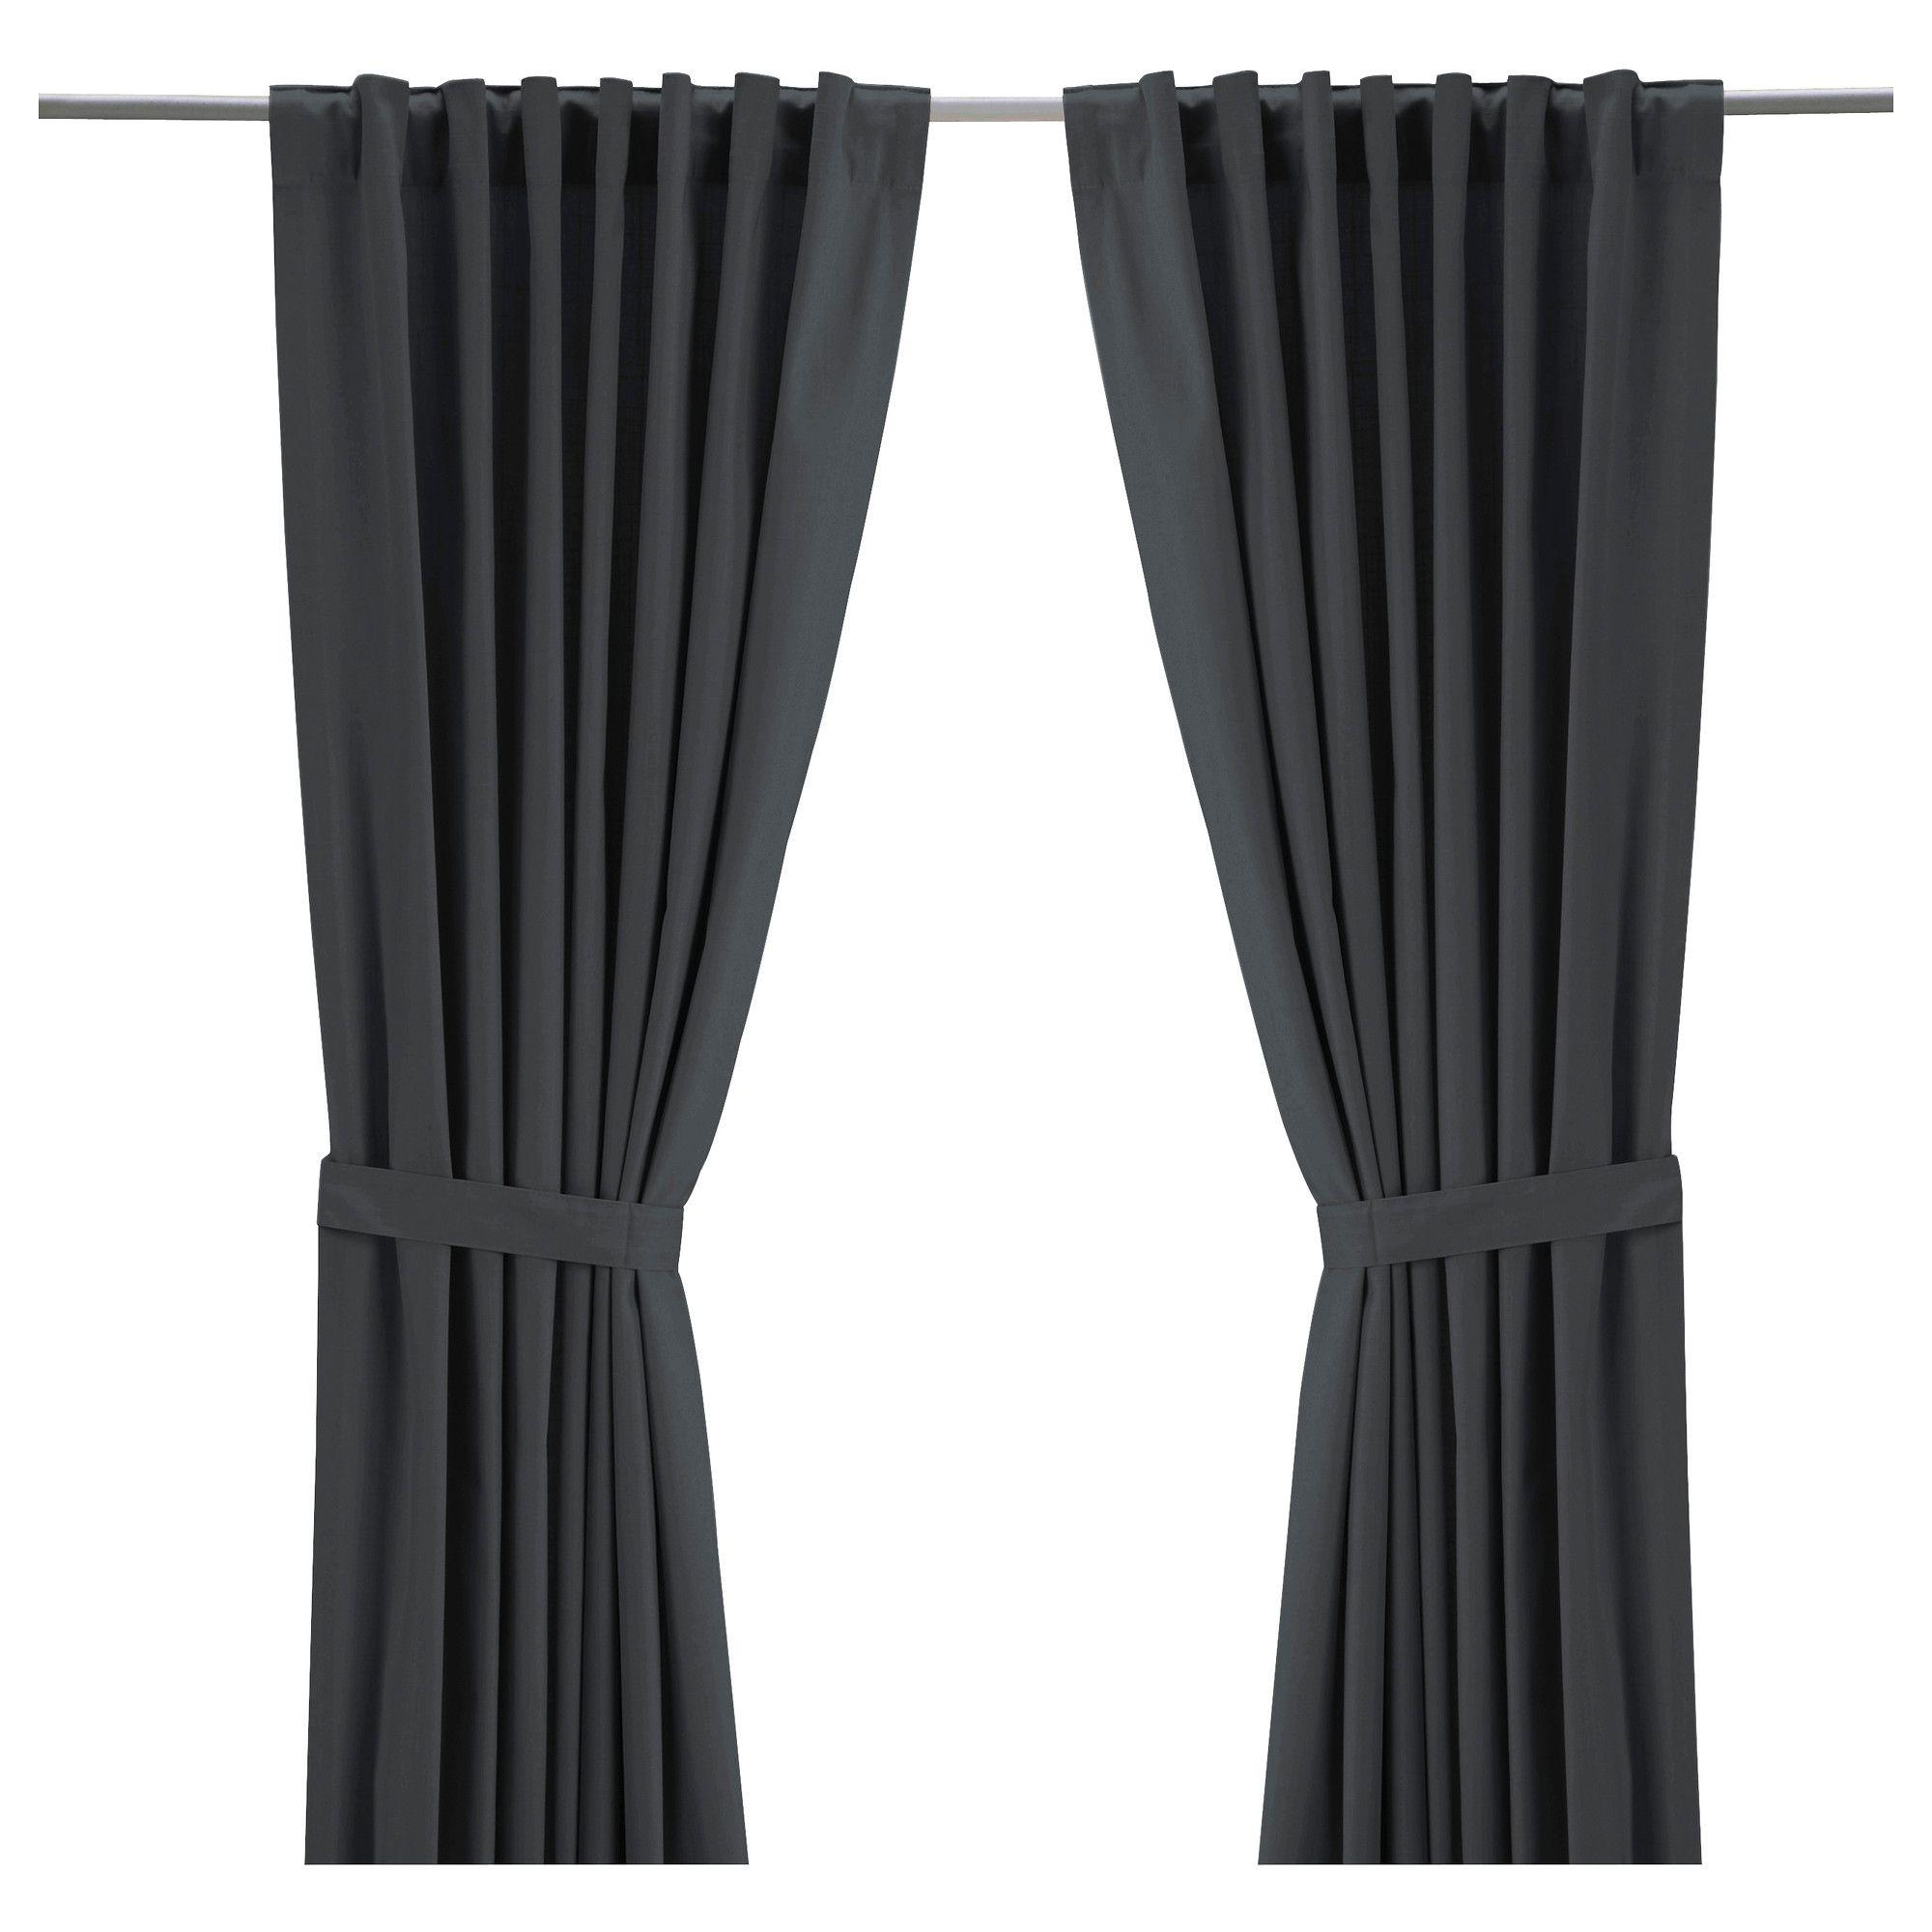 ritva paire de rideaux avec embrasse gris ikea decoration pinterest rideaux et ikea. Black Bedroom Furniture Sets. Home Design Ideas